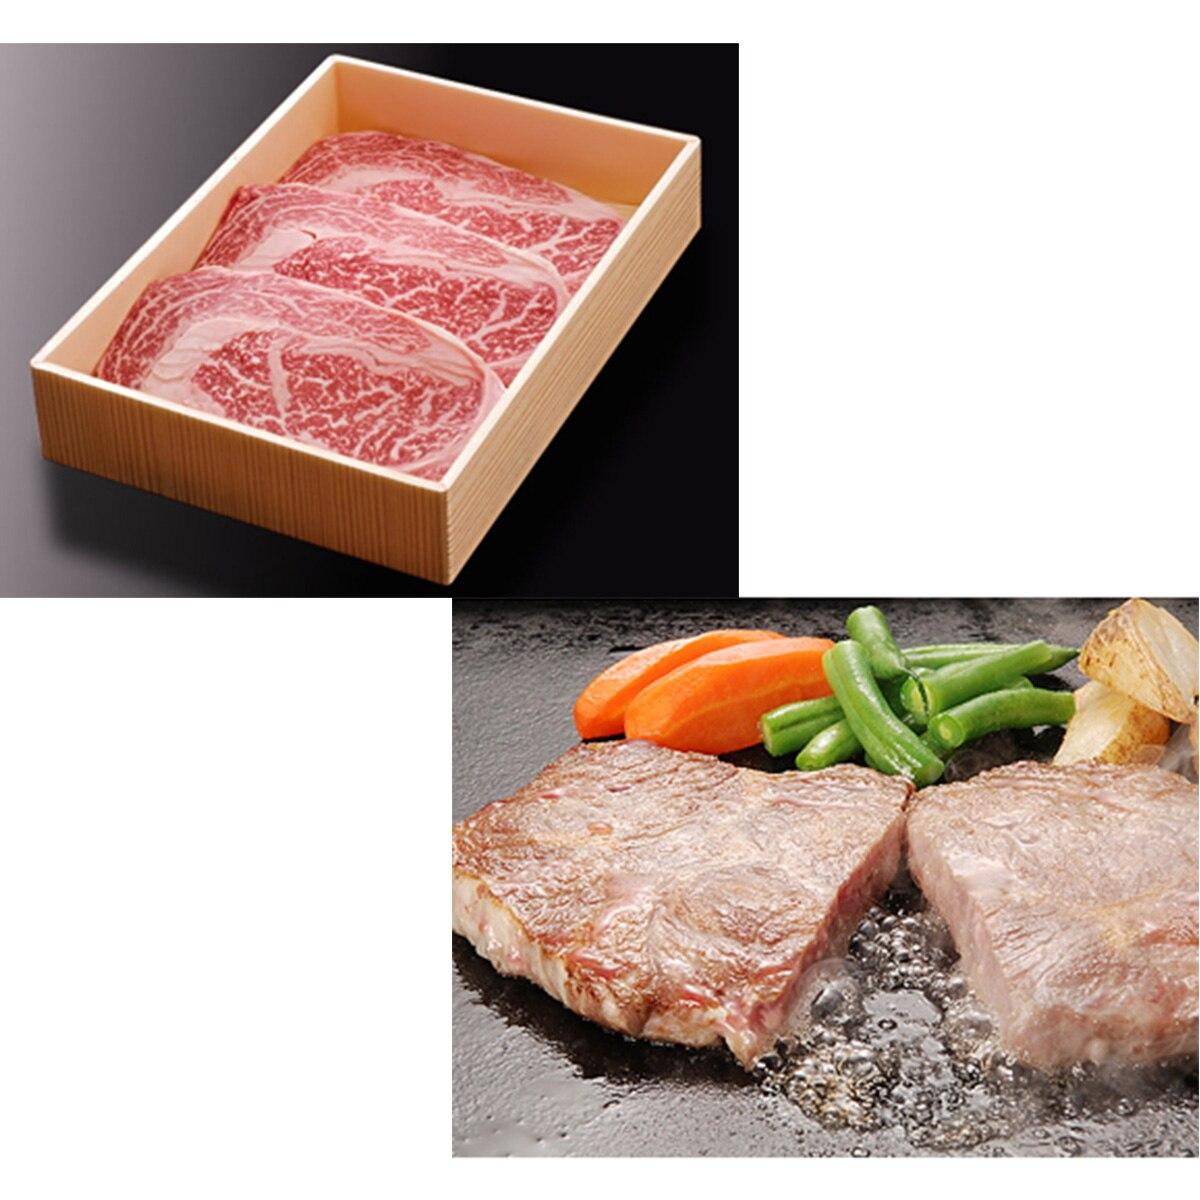 【送料無料】やわらかサーロィンステーキ国産黒毛和牛の牛脂使用加工肉 1kg約5〜7枚 ほれぼれ牛ロースステーキ用160g×3 セット